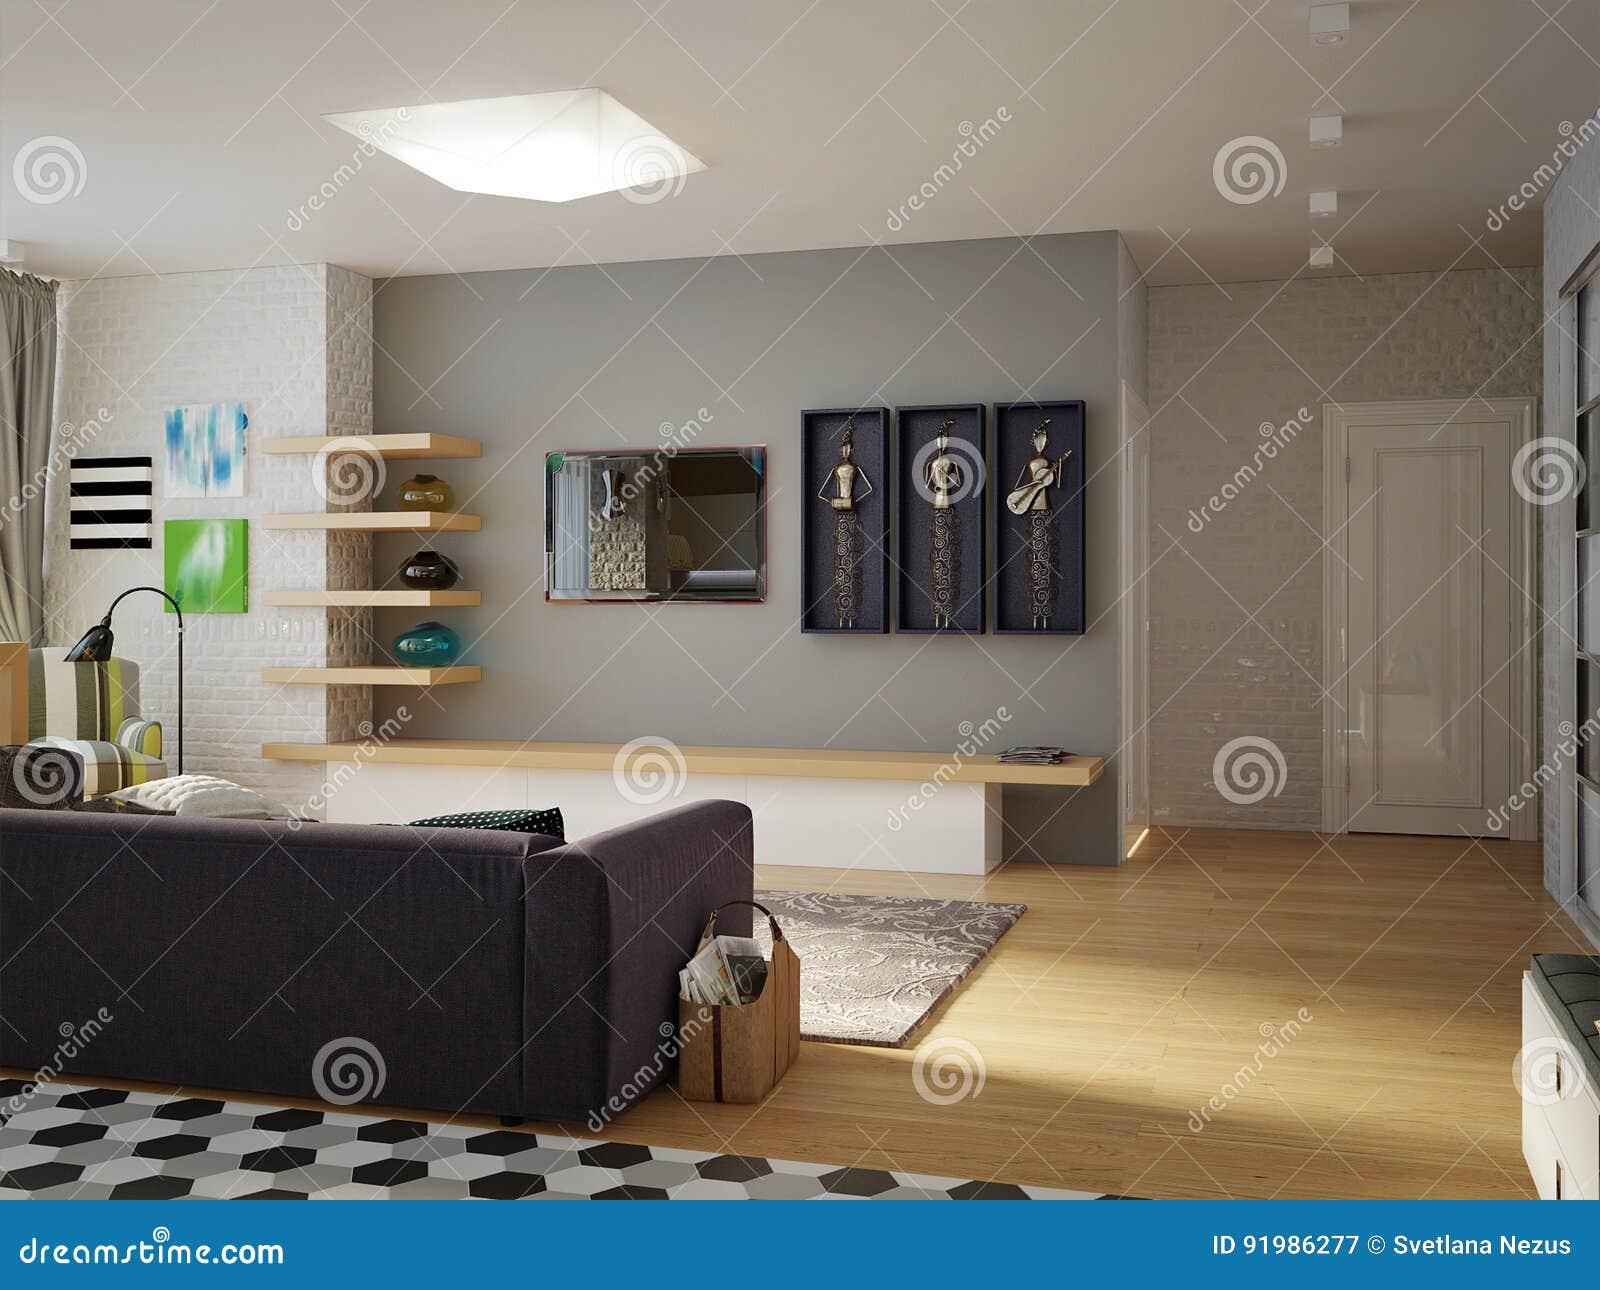 Offenes Wohnzimmer Des Modernen Stadtischen Zeitgenossischen Studios Esszimmer Stock Abbildung Illustration Von Studios Zeitgenossischen 91986277